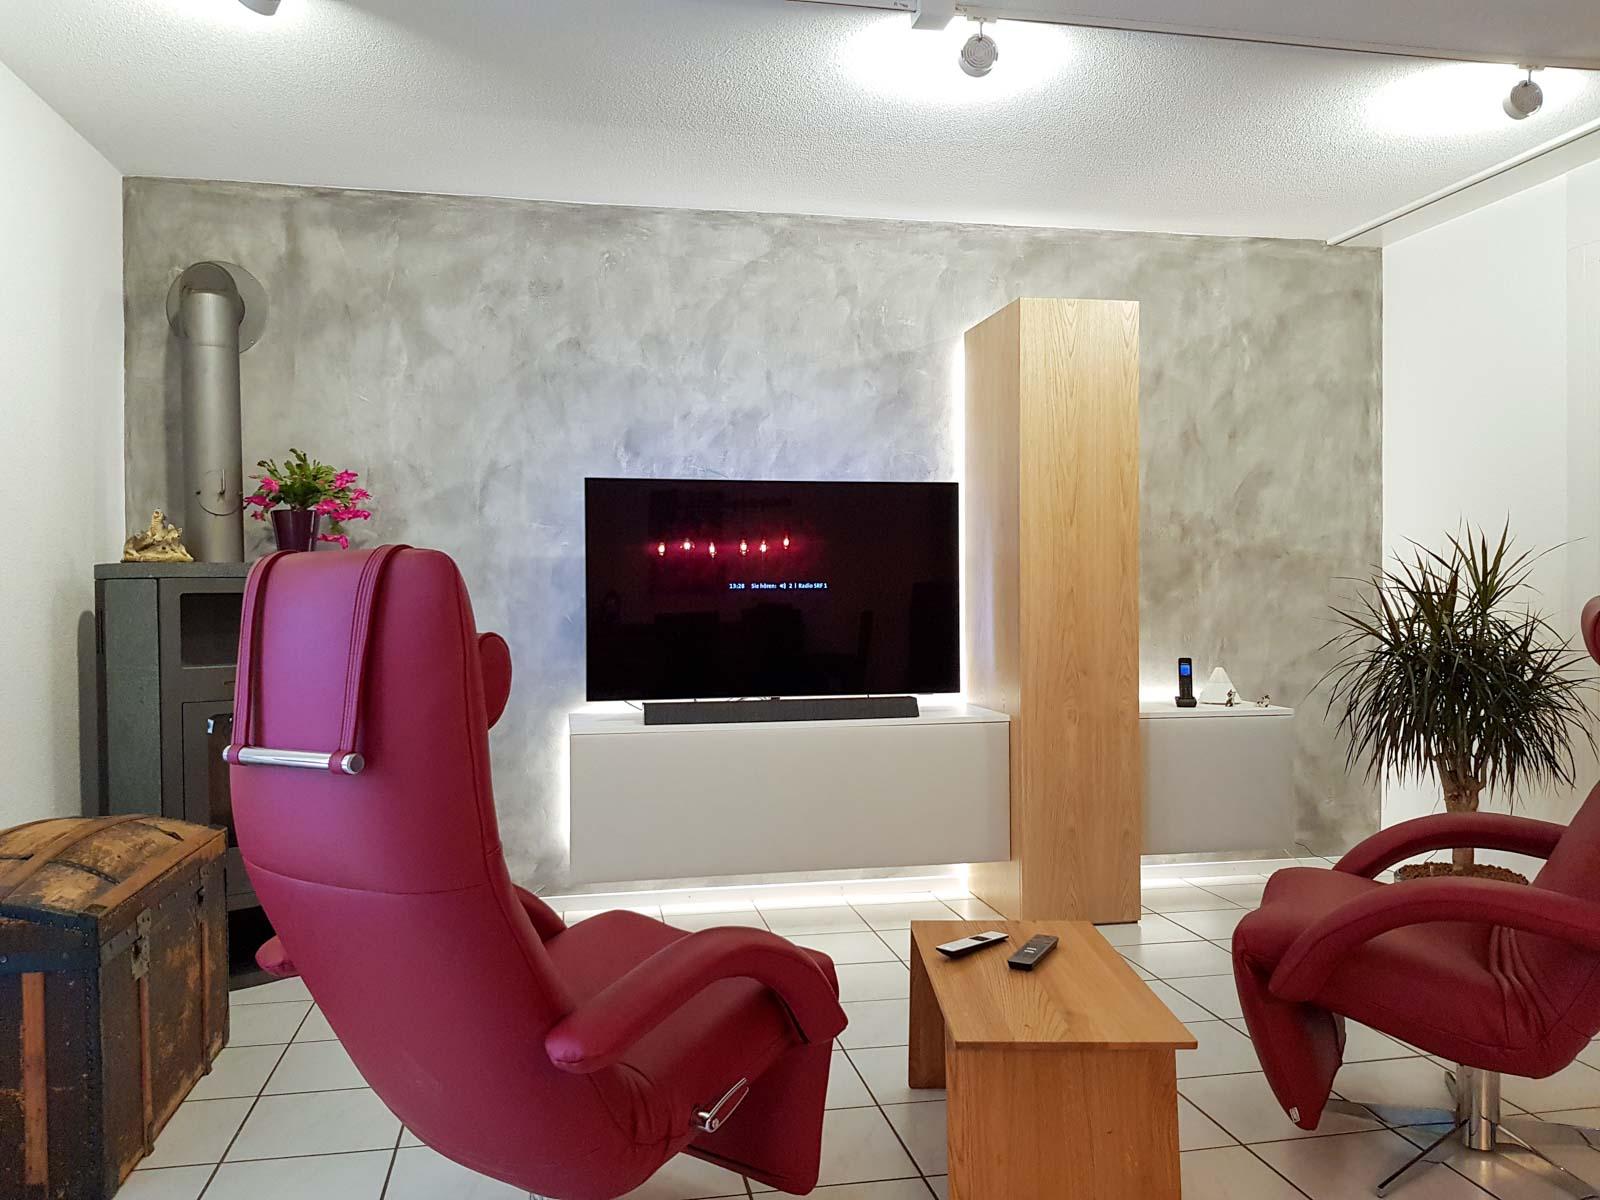 Wooddesign_Wohnzimmermöbel_Fernsehmöbel_Eiche_Fronten weiss_indirekte Beleuchtung_LED Beleichtung (1)